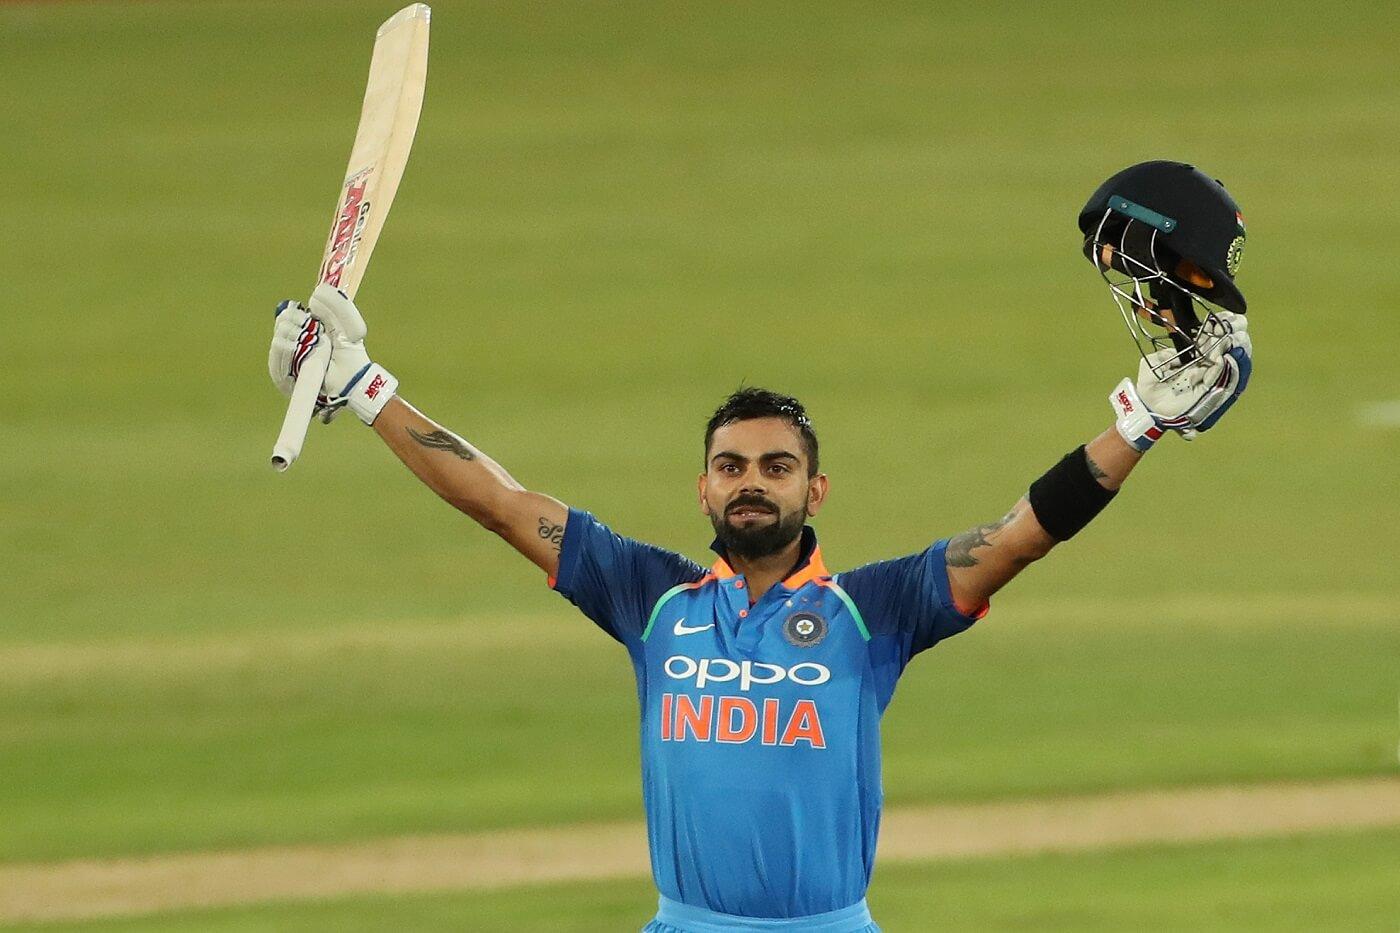 भारतीय कप्तान विराट कोहली के नाम दर्ज हैं 4 ऐसे रिकॉर्ड जिसके आसपास भी नहीं हैं सचिन और ब्रेडमैन जैसे दिग्गज 2